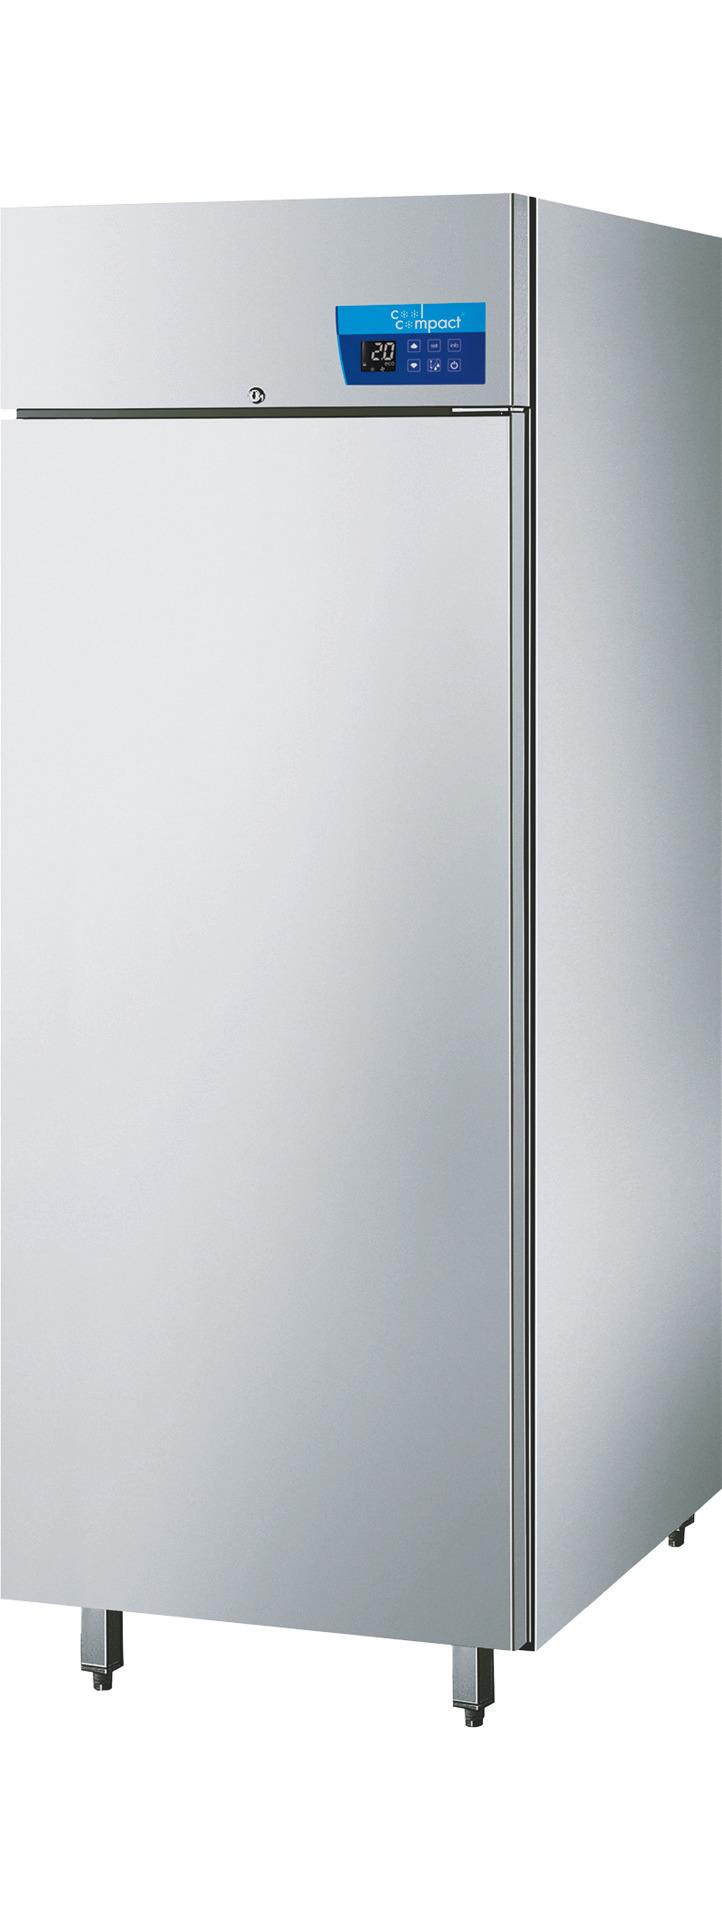 Umluft-Tiefkühlschrank 22 x GN 2/1 / zentralgekühlt